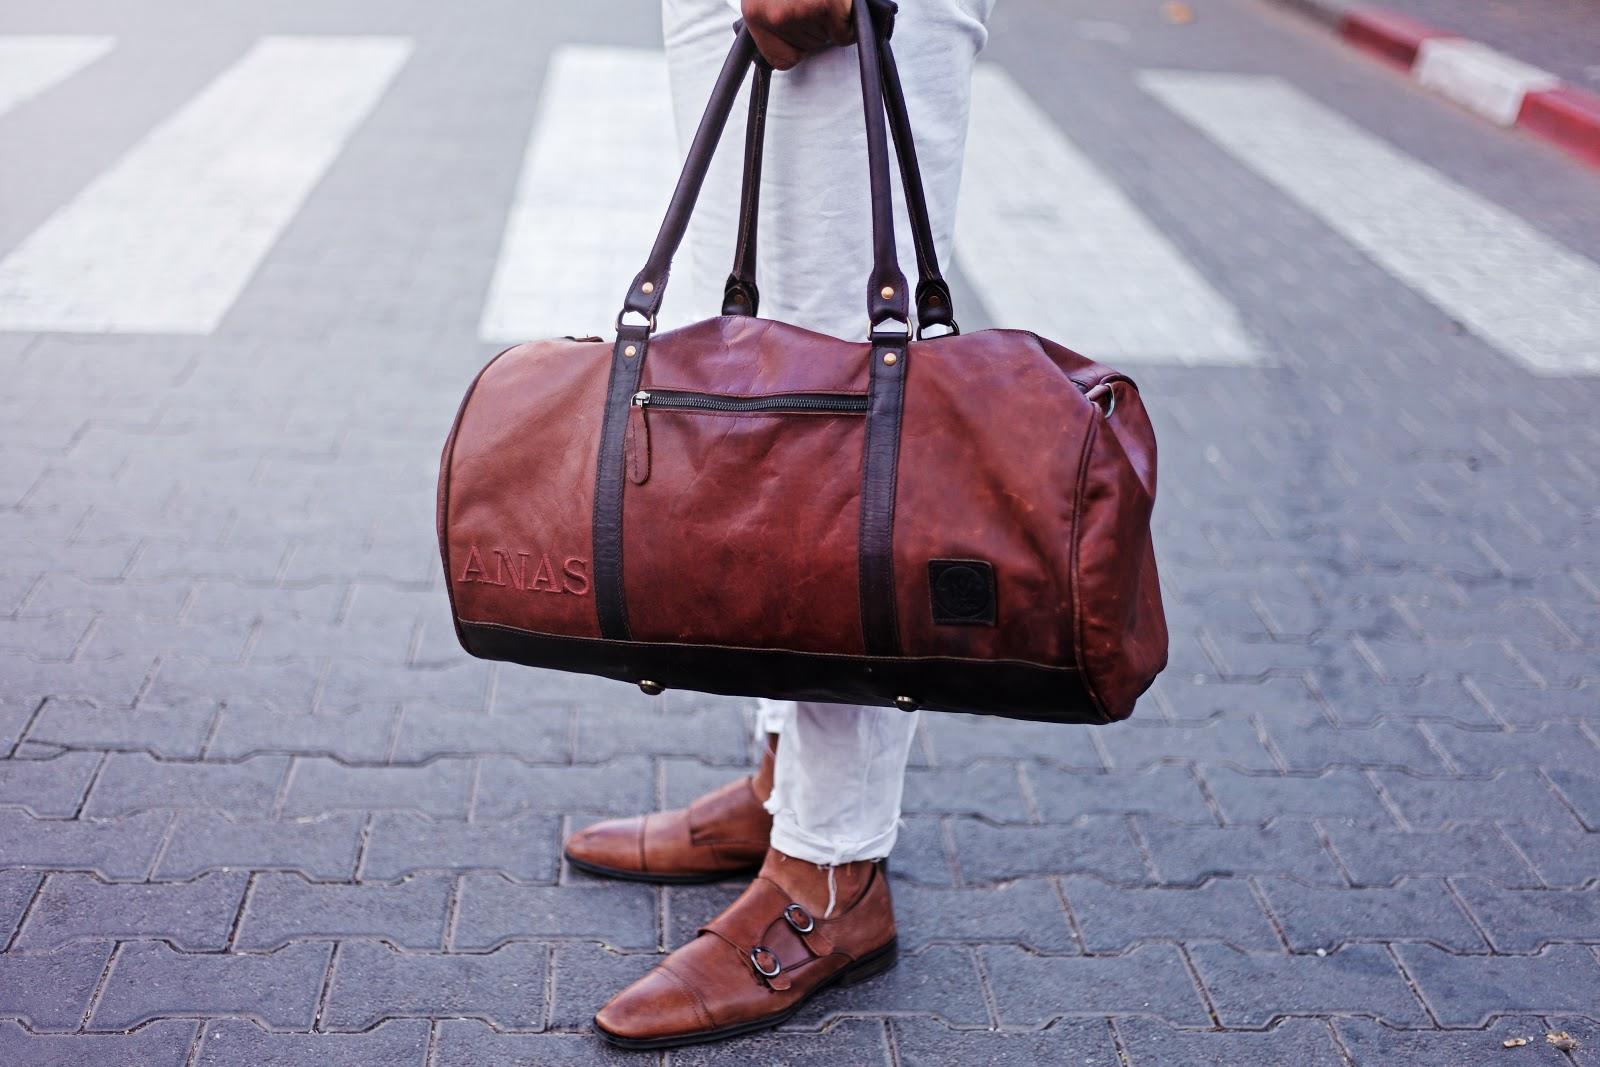 Mahi Leather bag - Anas Ouaadidy 7ce3c31a174aa